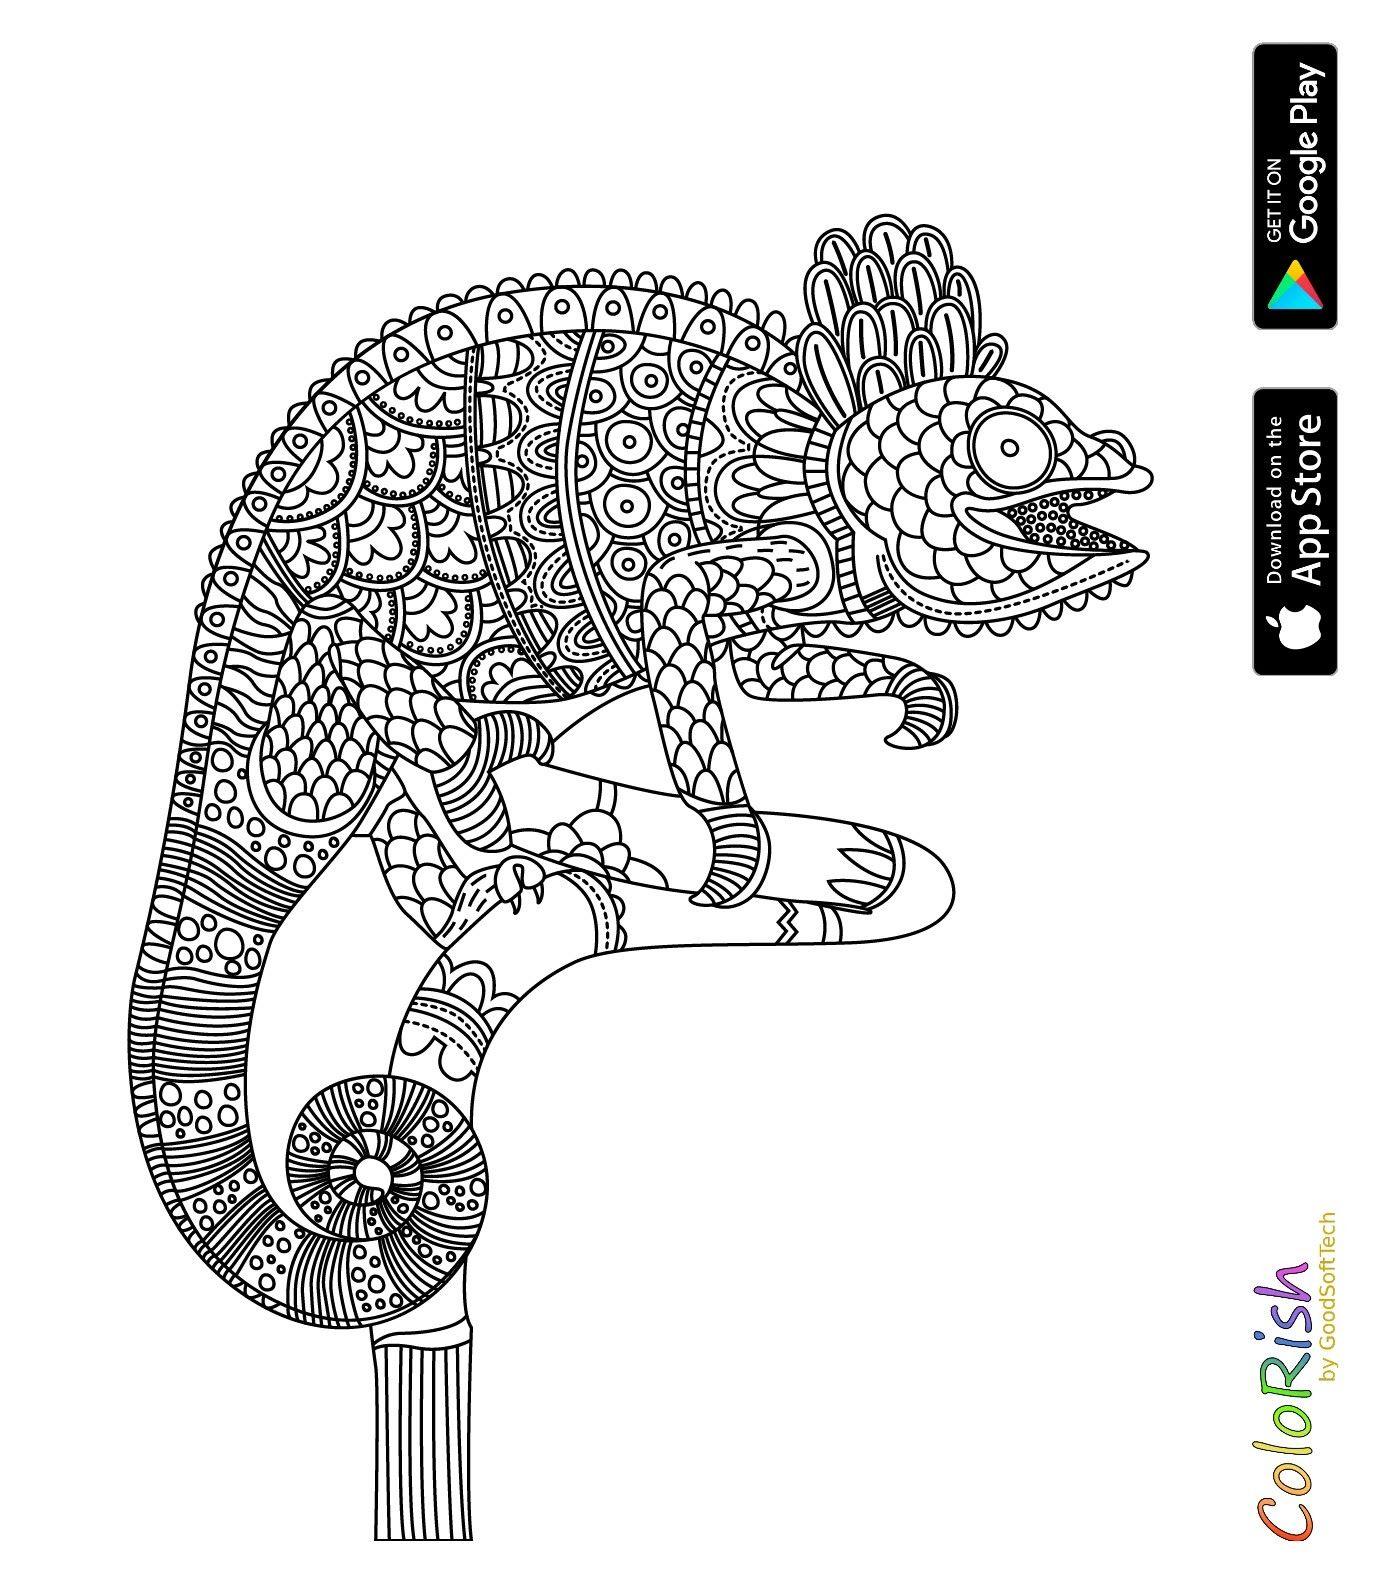 Pin by Cintia Daflon on Desenhos para colorir | Pinterest | Reptiles